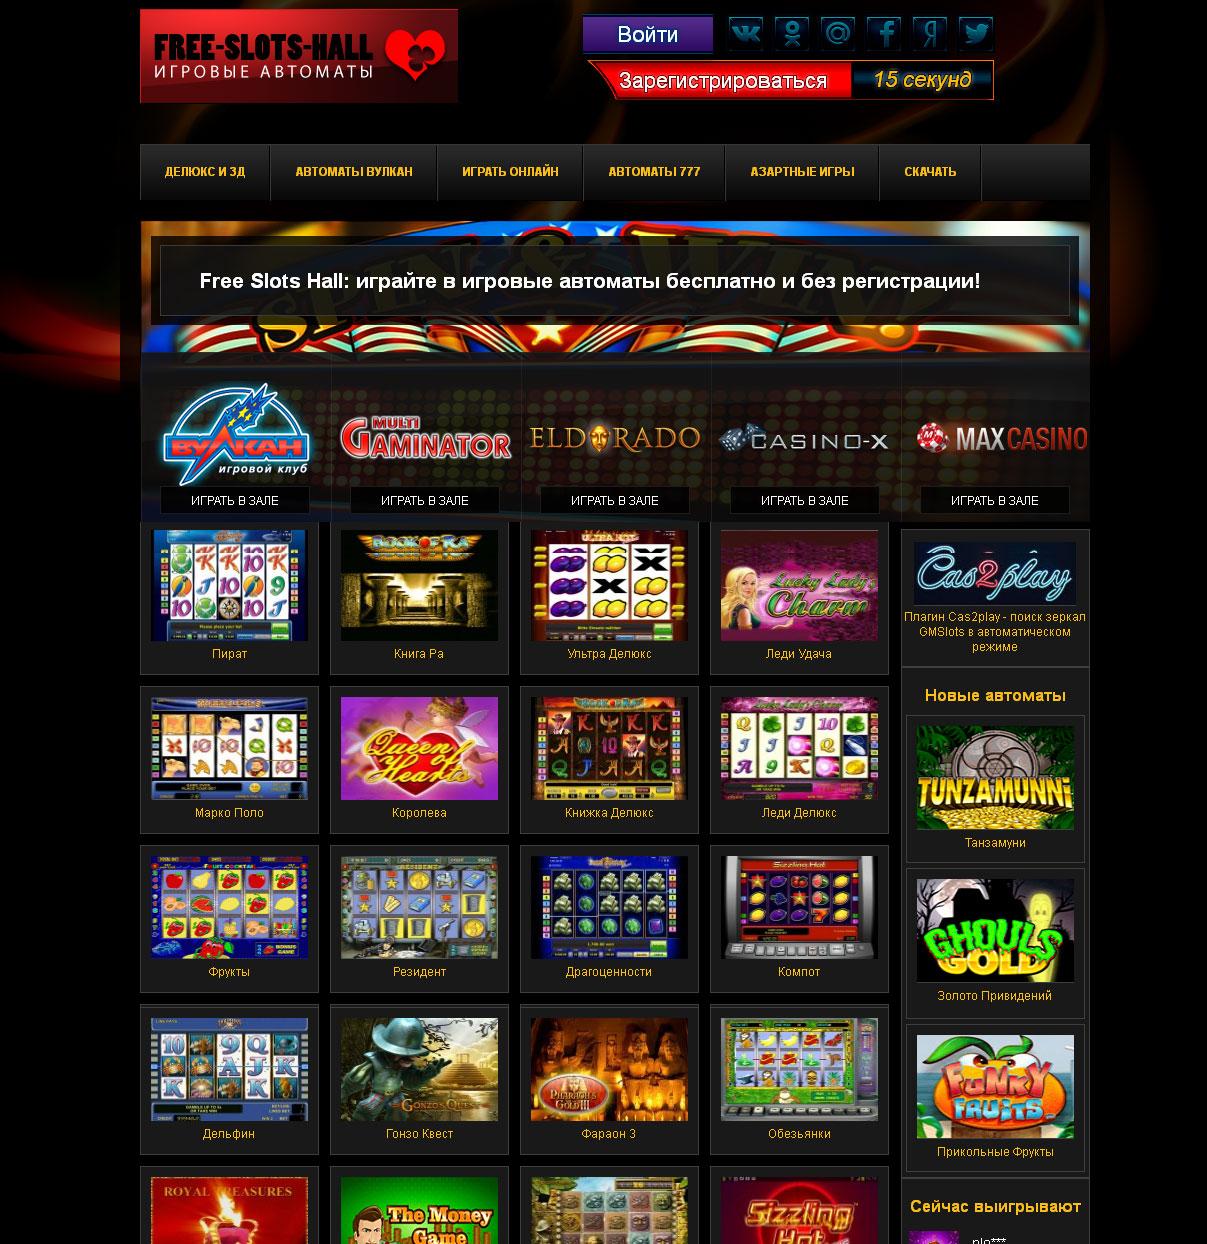 Игровые автоматы скачать бесплатно эм играть игровые автоматы 777 онлайнi